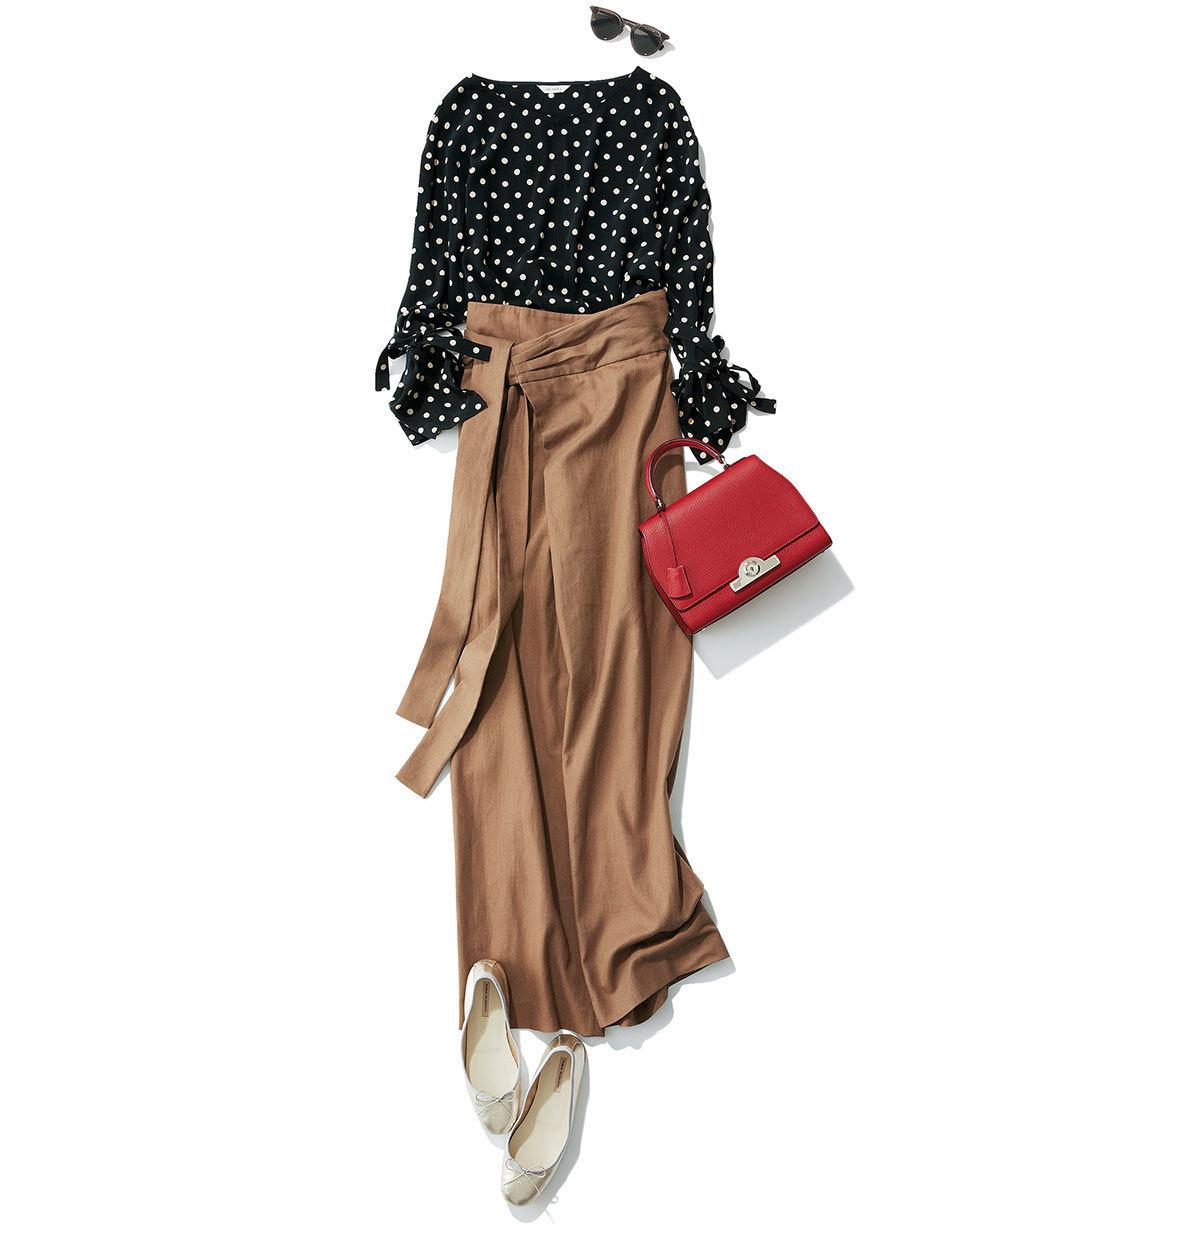 40代の「おしゃれになりたい」をかなえるファッションブランドは? 注目したいアイテムは? | アラフォーファッション_1_38